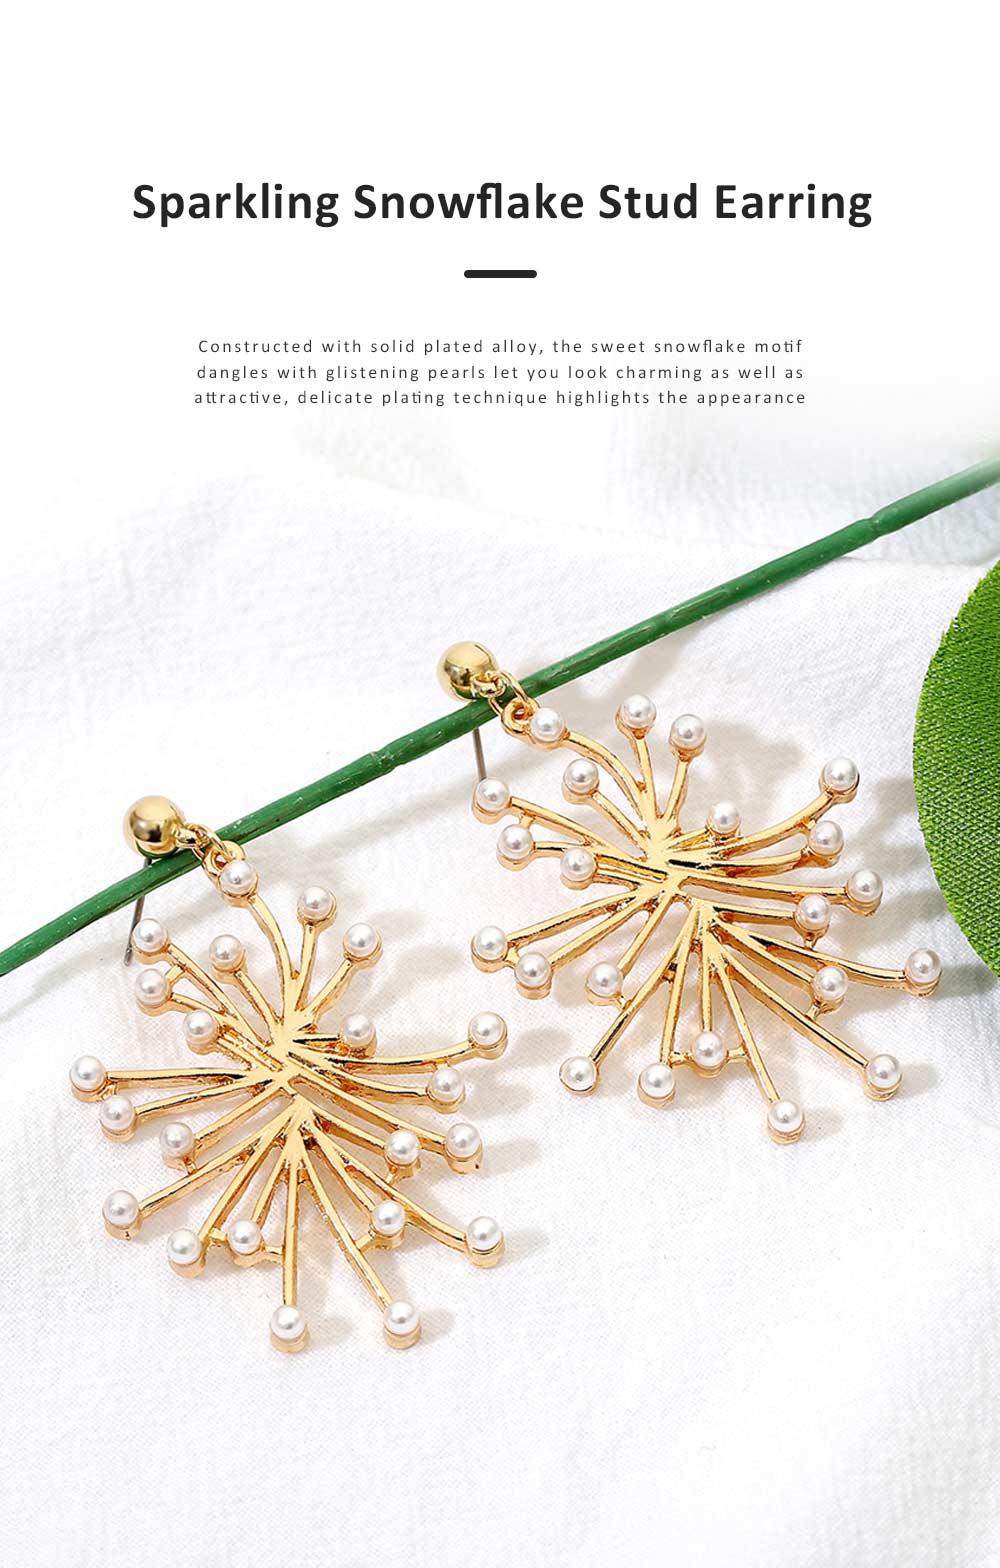 Trendy Alloy Snowflake Earrings Beautiful Ear Decoration Sparkling Stud Earring for Women Girls 0